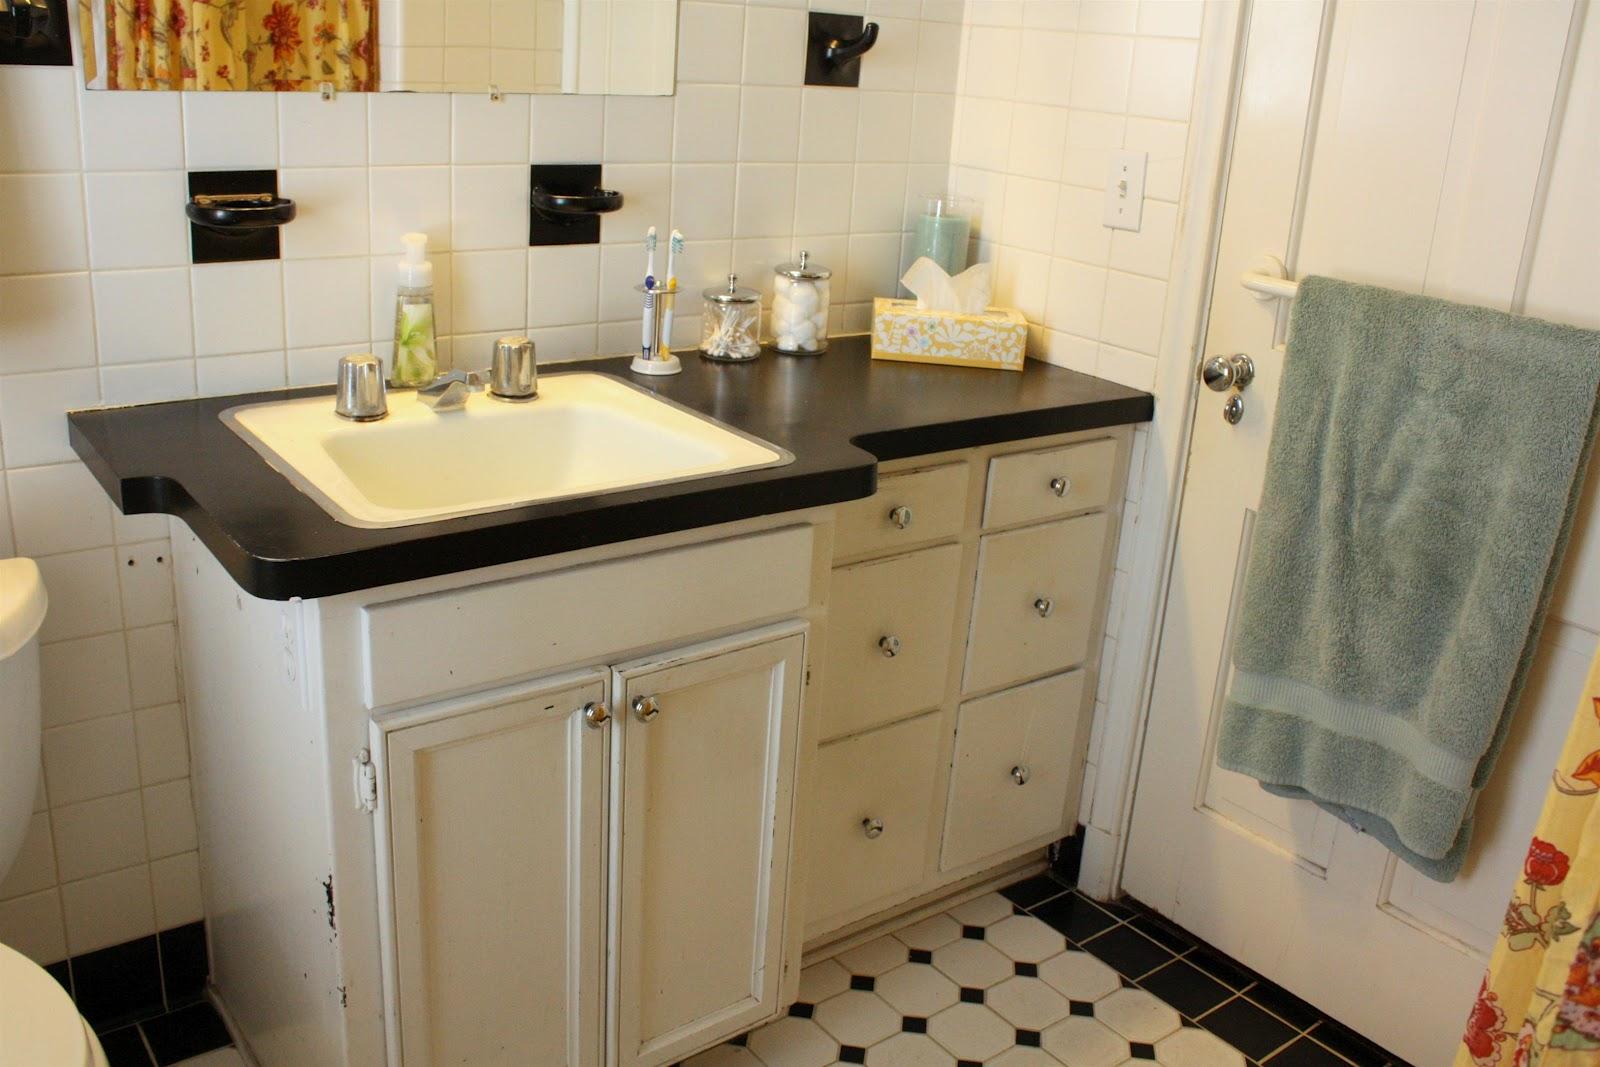 Painting Plastic Bathroom Cabinets russet street reno: bathroom paint